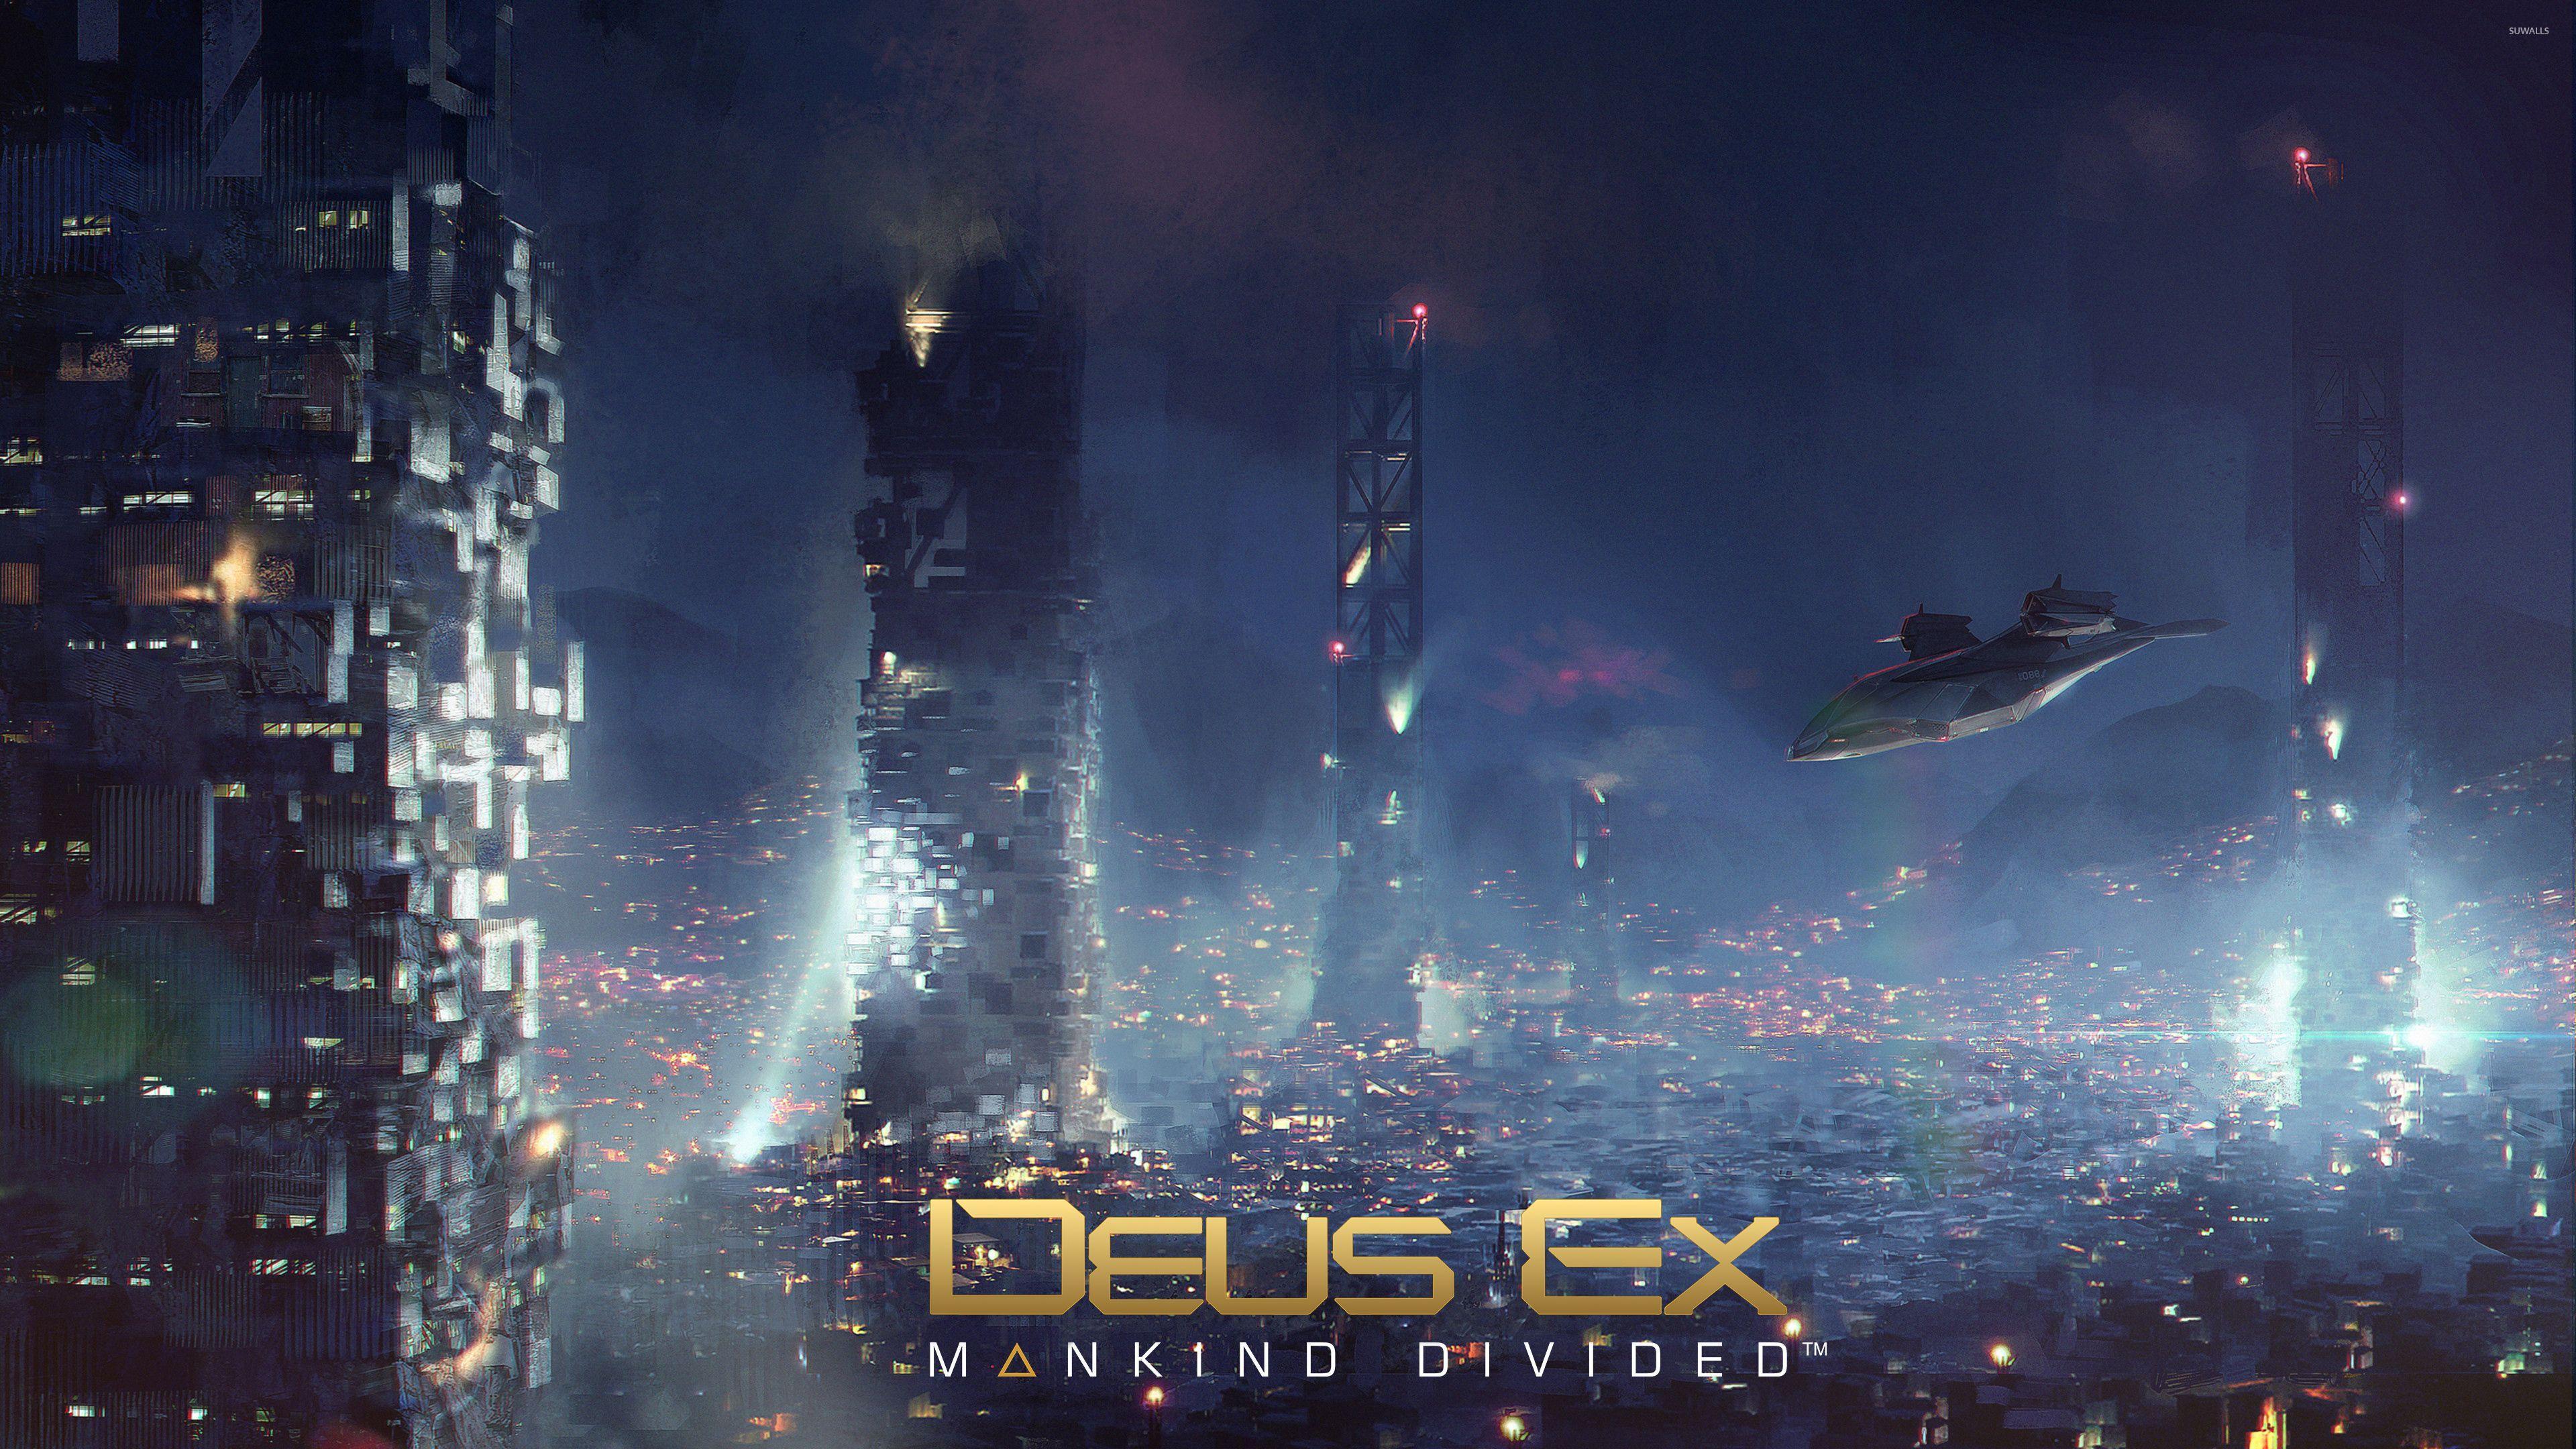 Deus Ex Wallpapers Top Free Deus Ex Backgrounds Wallpaperaccess